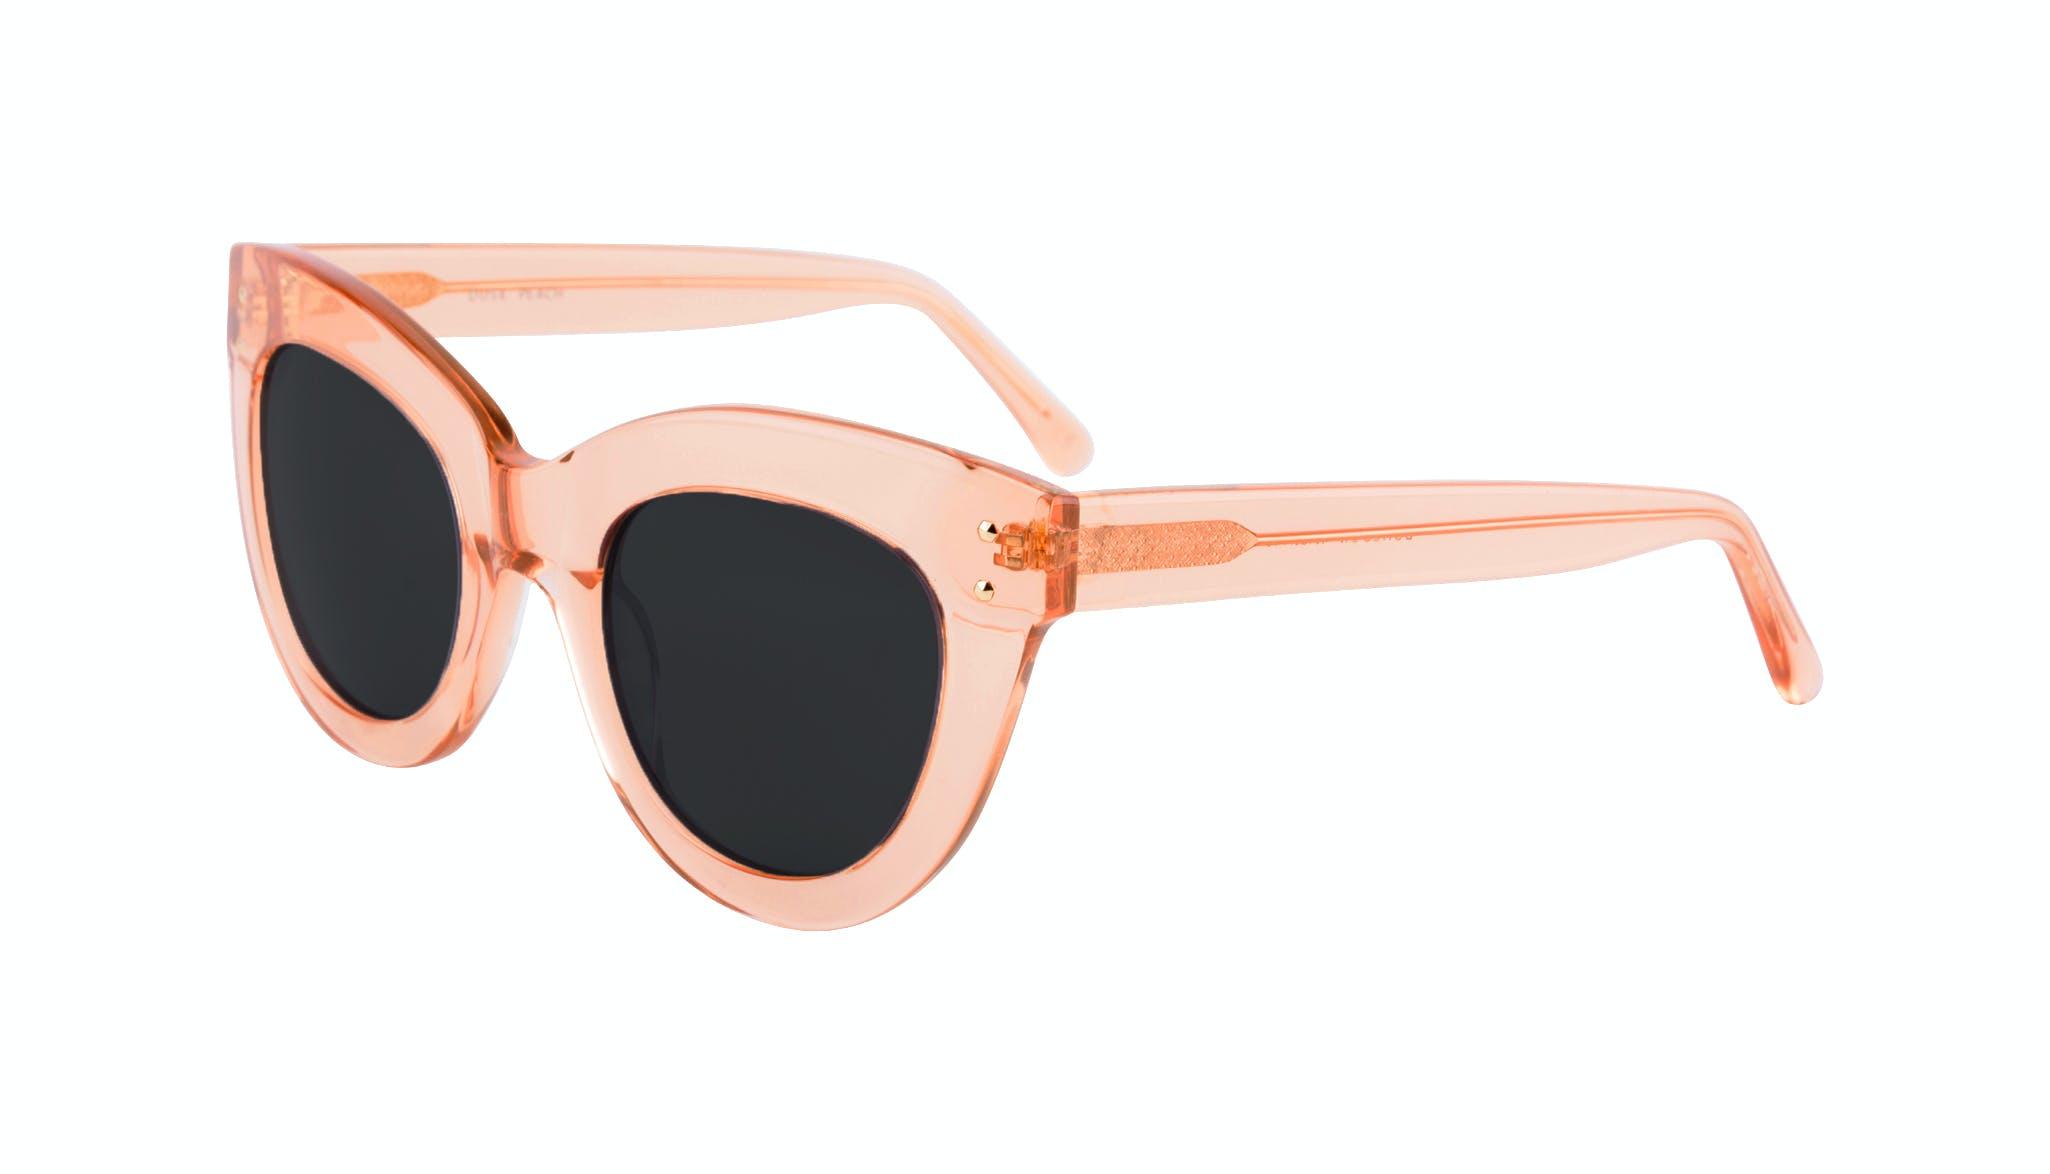 Lunettes tendance Oeil de chat Lunettes de soleil Femmes Dusk Peach Incliné